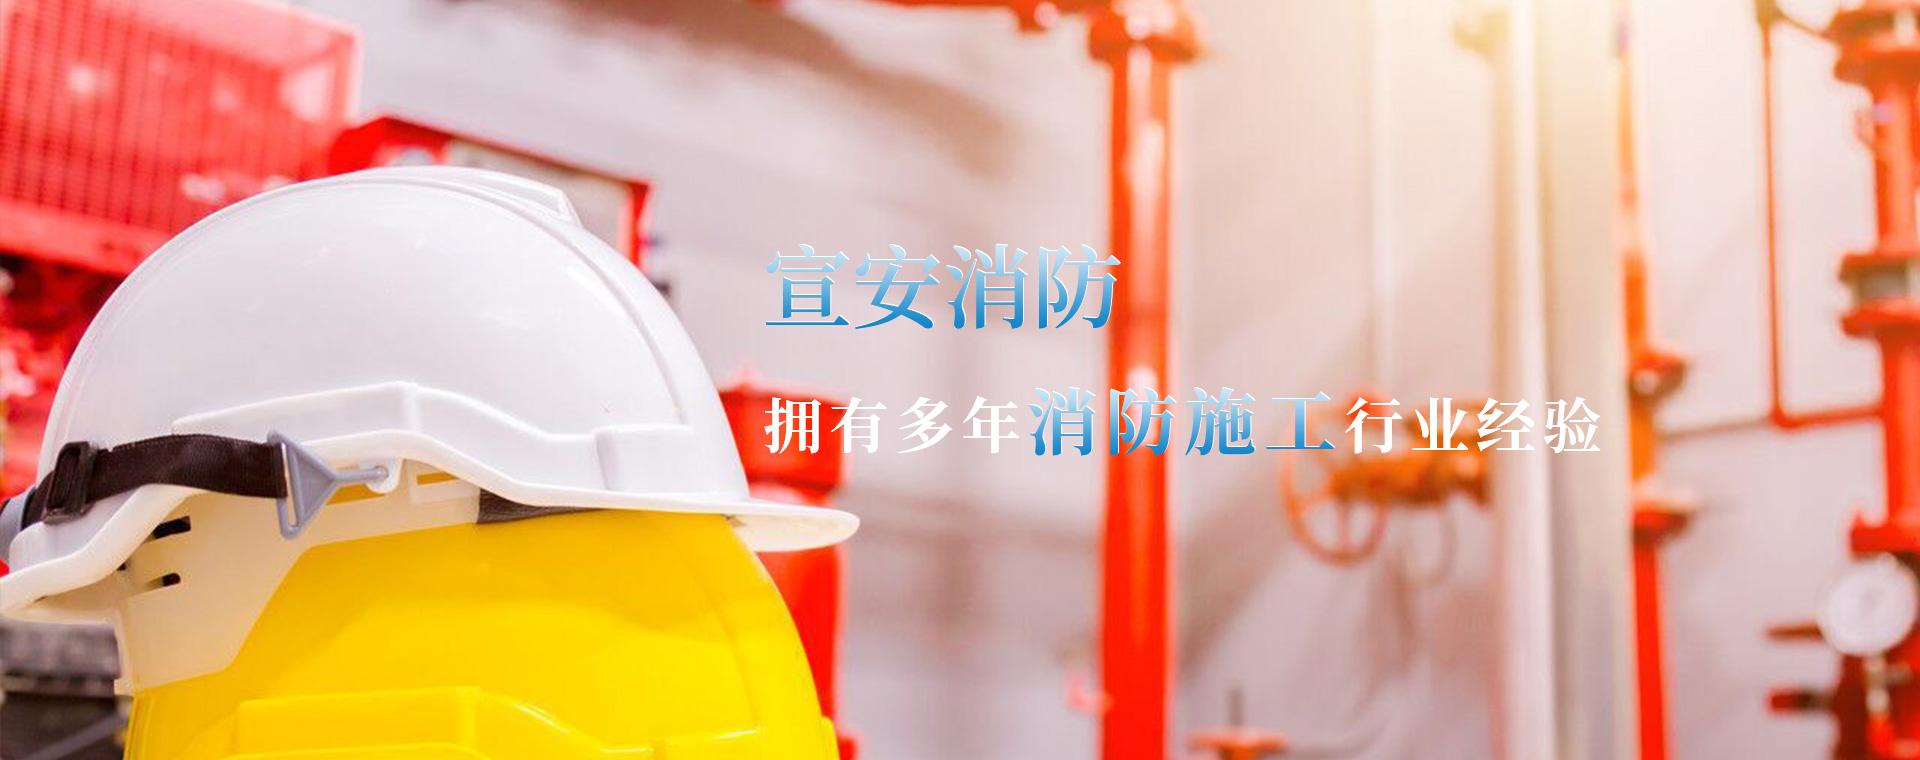 内蒙古消防安全评估